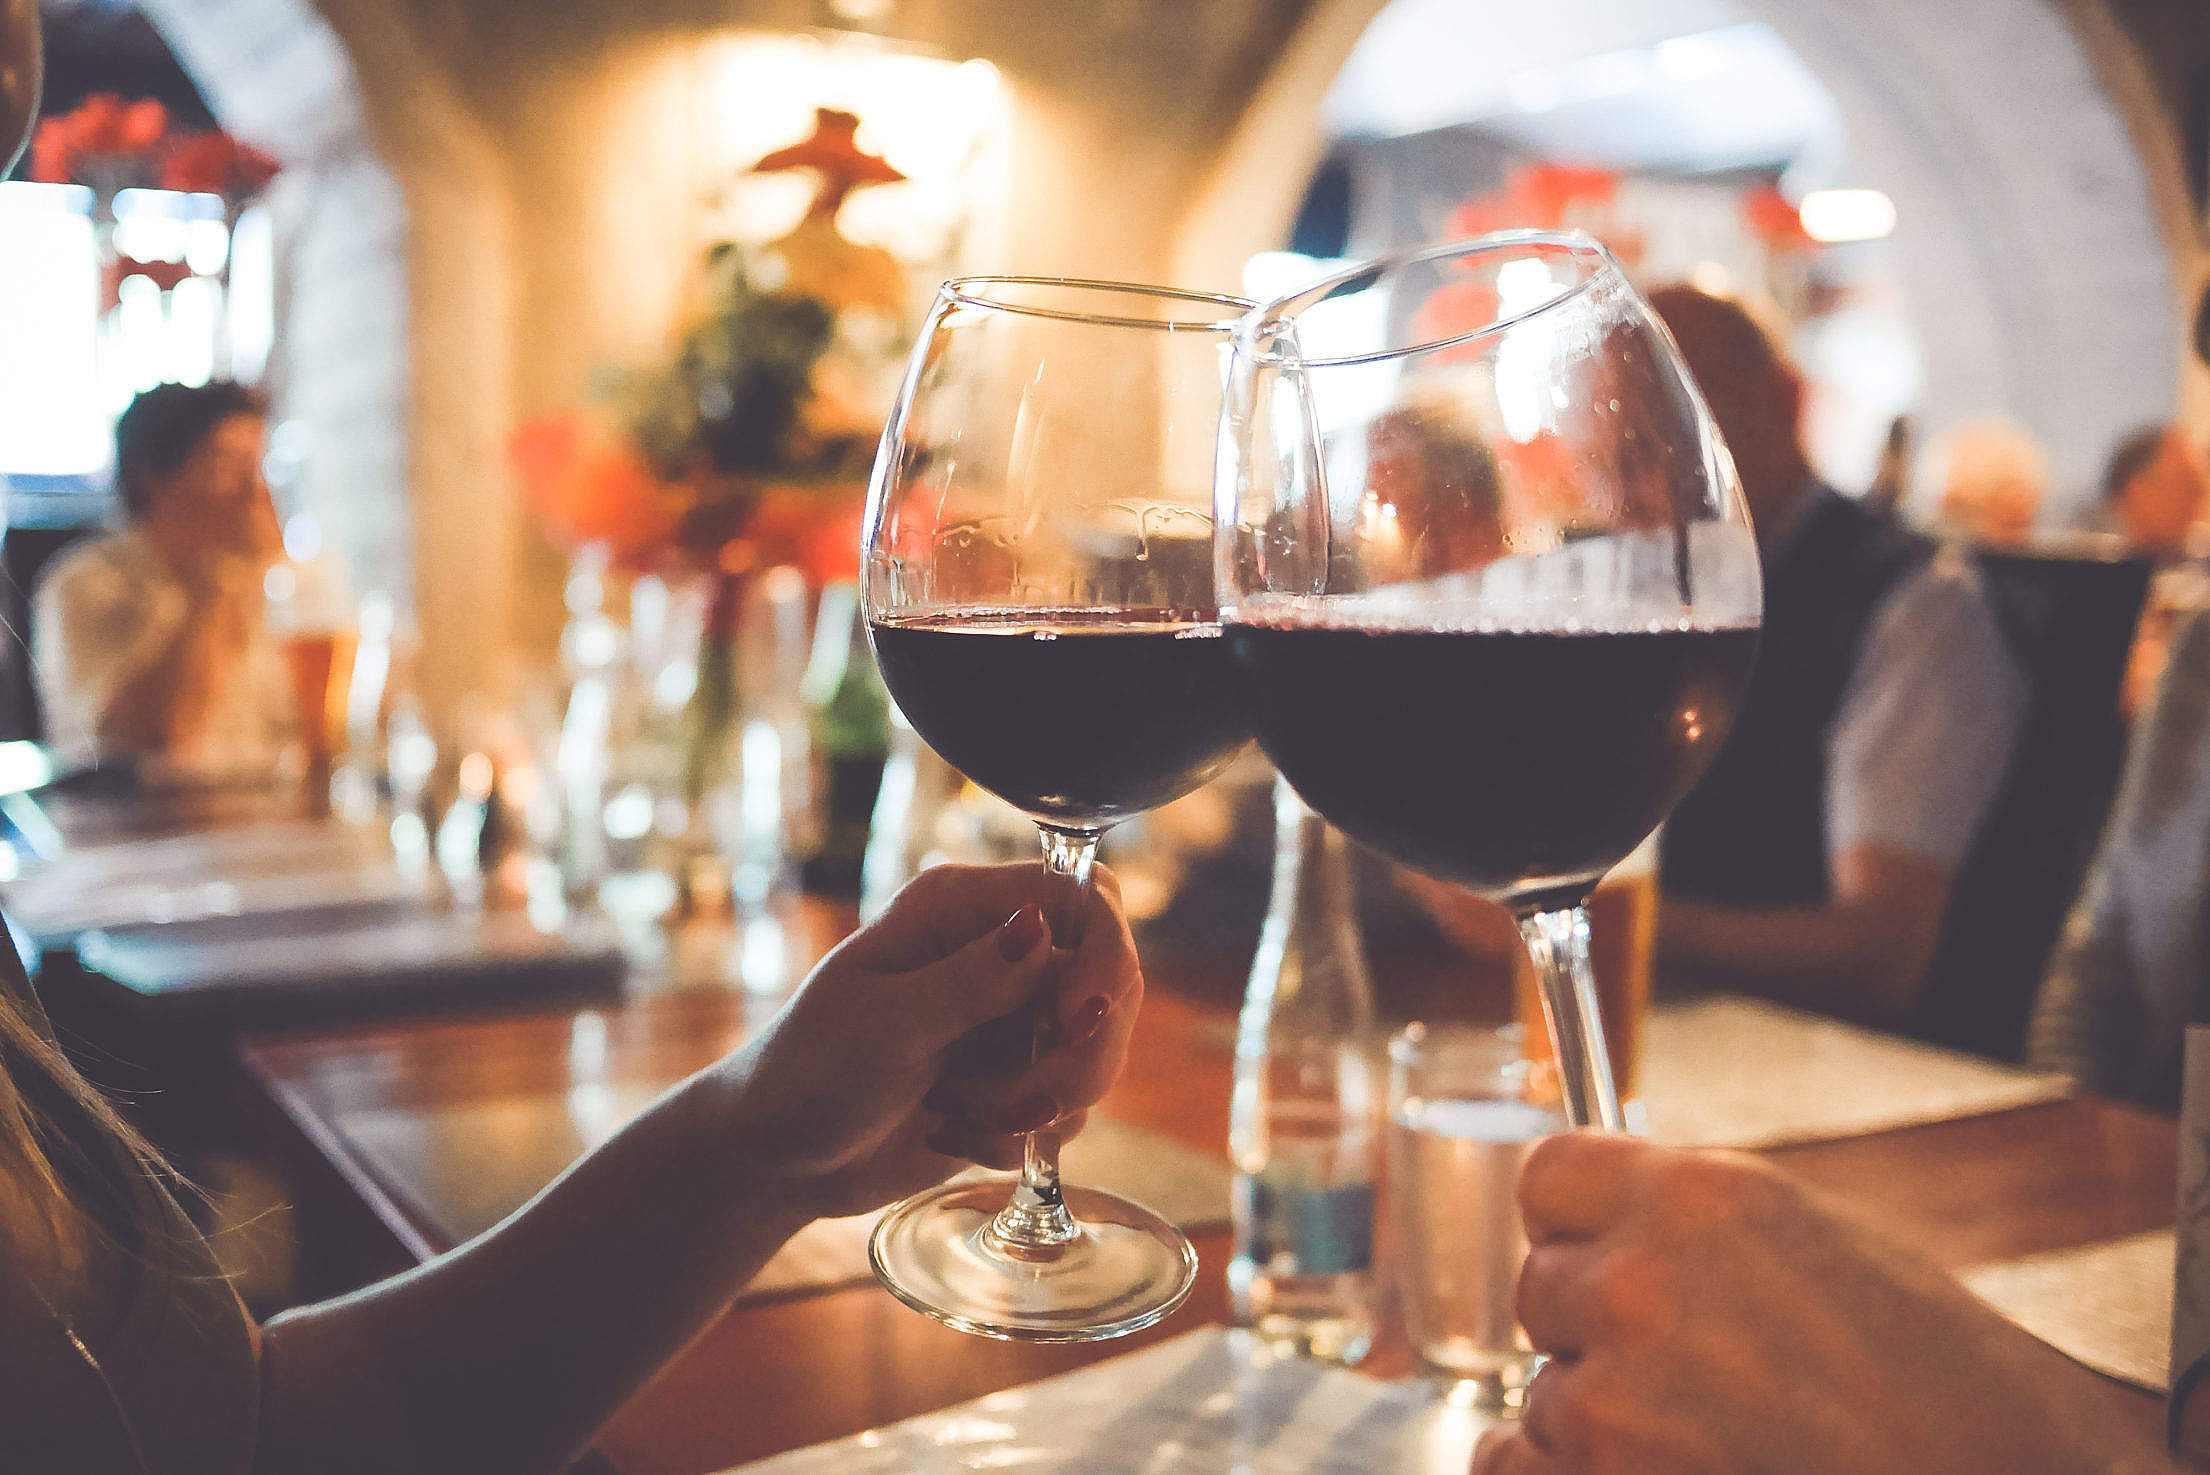 1. 喝酒後騎腳踏車,血液酒精濃度高於0.05%的話罰款3萬韓元,而拒絕接受酒精測試的則罰款10萬韓元。